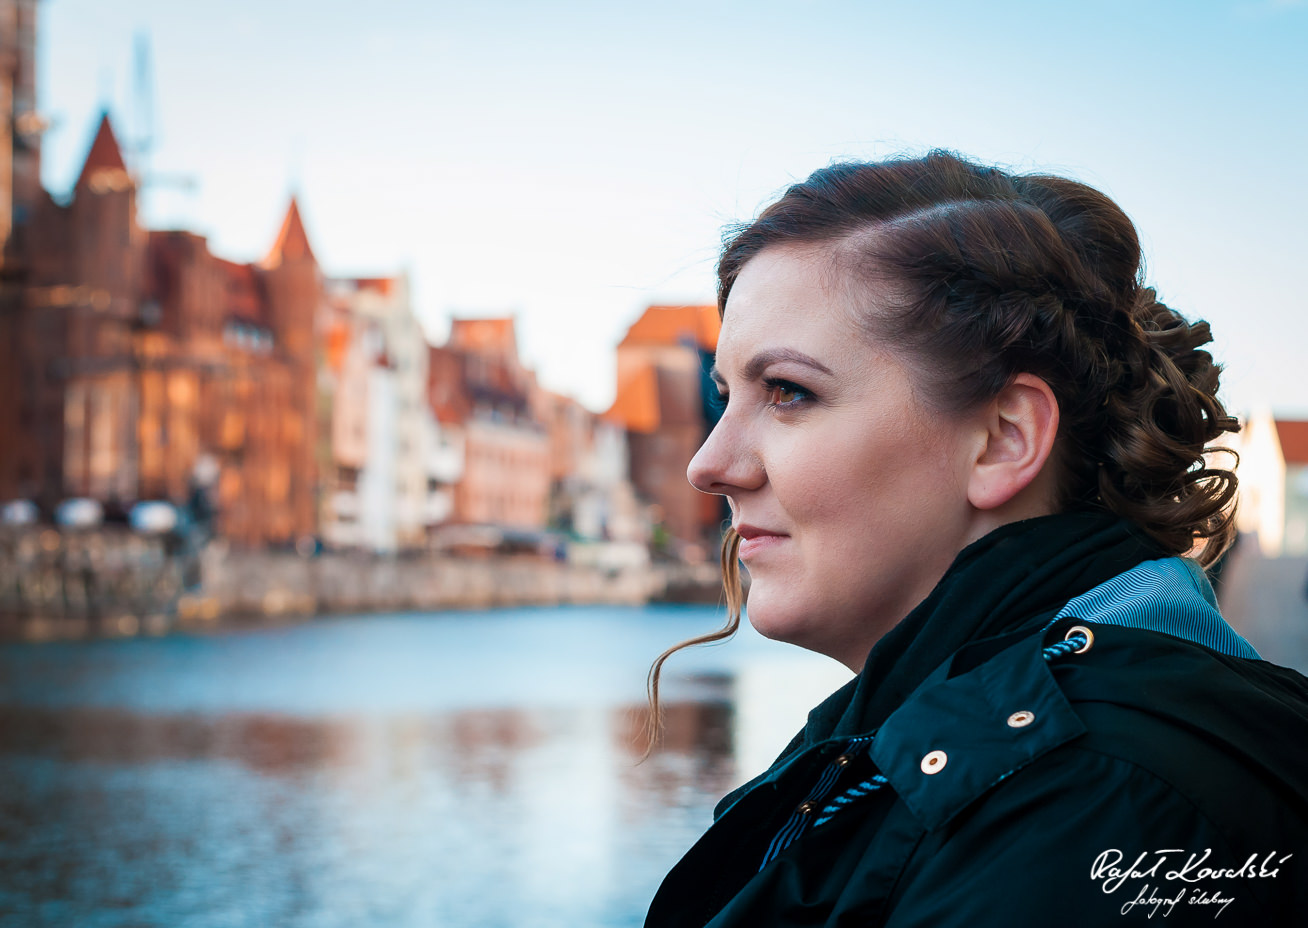 portret przyszłej panny młodej na sesji narzeczeńskiej, wpatrzonej w uroczą panoramę gdańskiego Długiego Pobrzeża